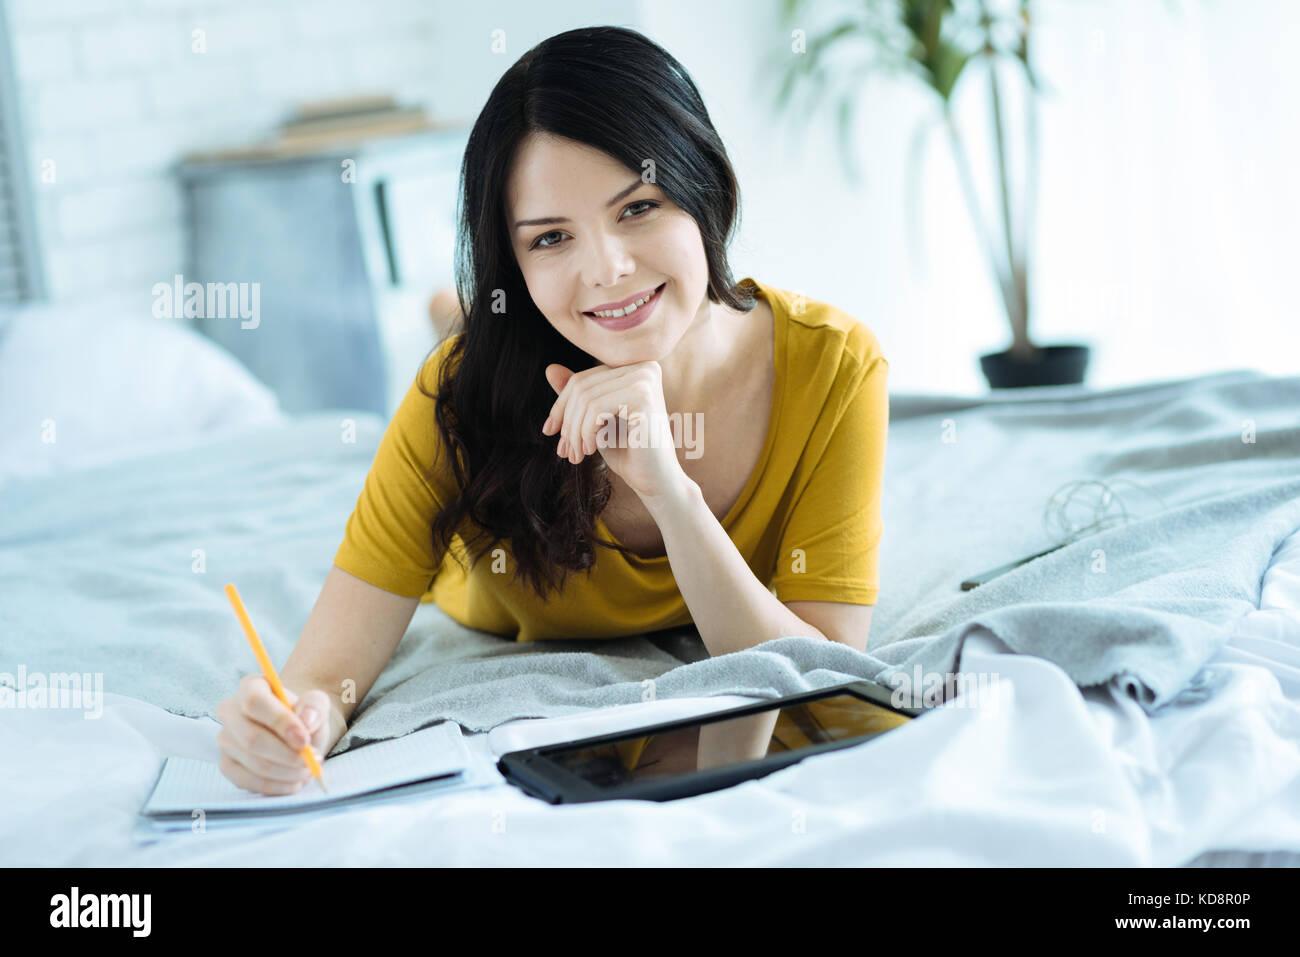 Mujeres disfrutando de freelancer trabajar desde casa Imagen De Stock